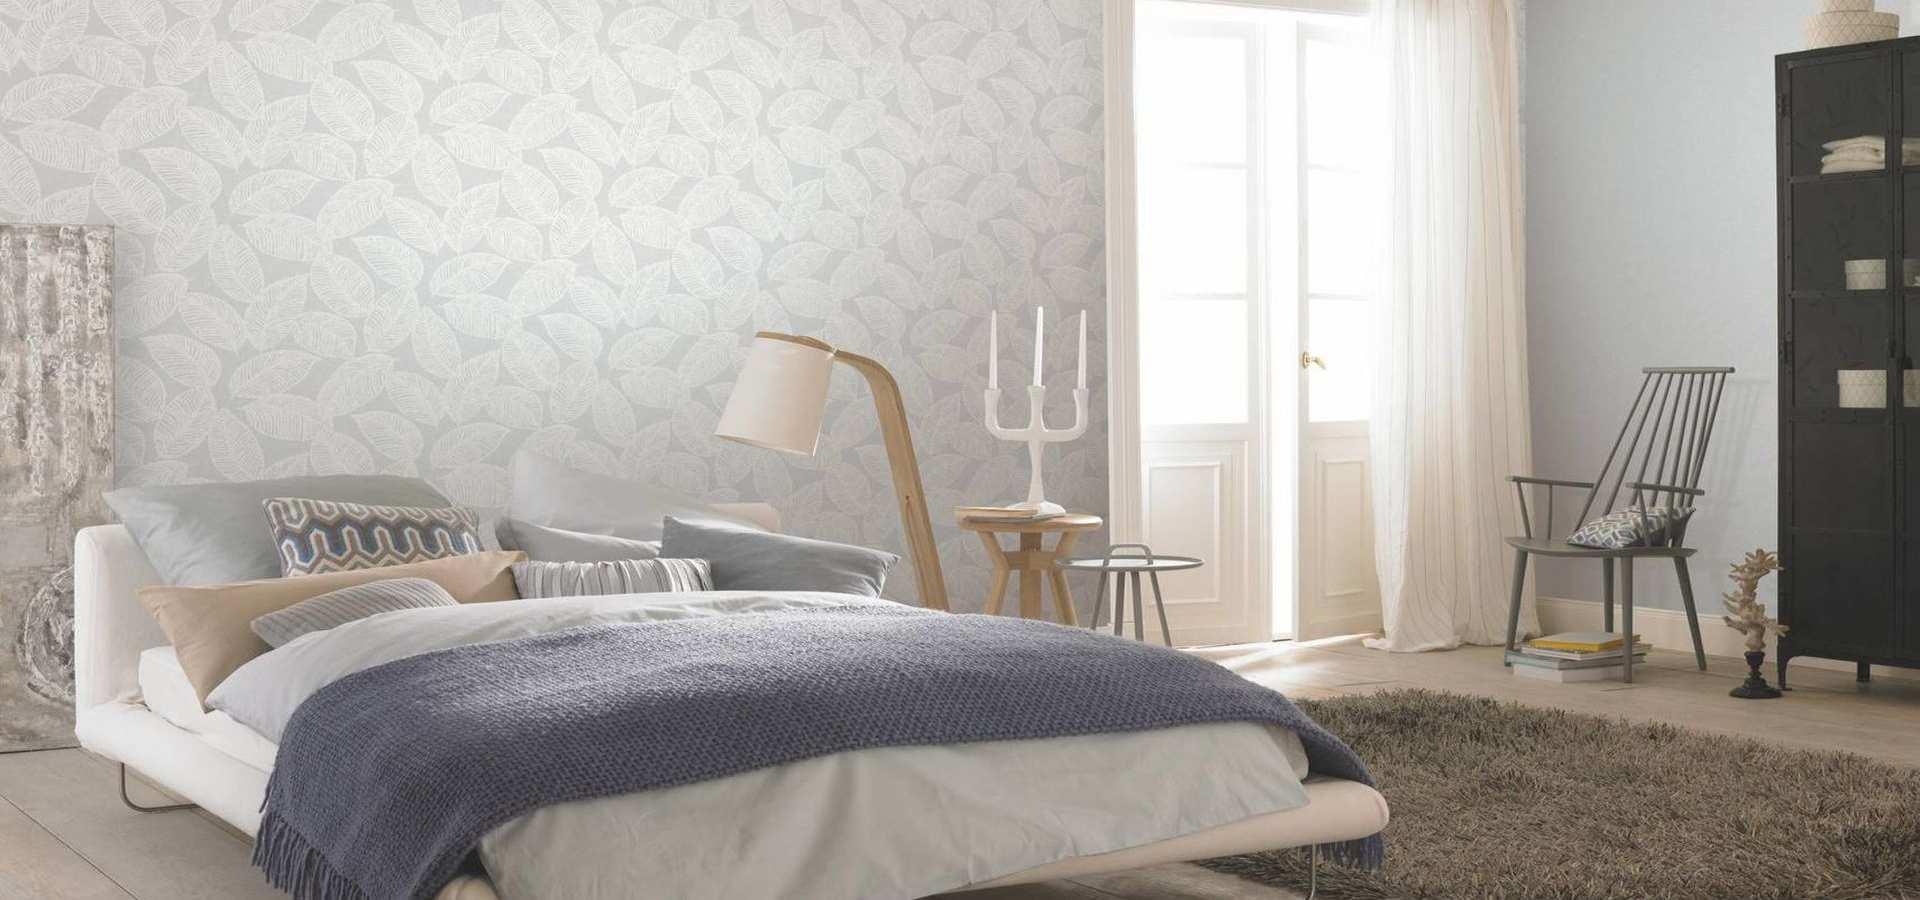 Bild Schlafzimmer Tapete Blätter weiß beige